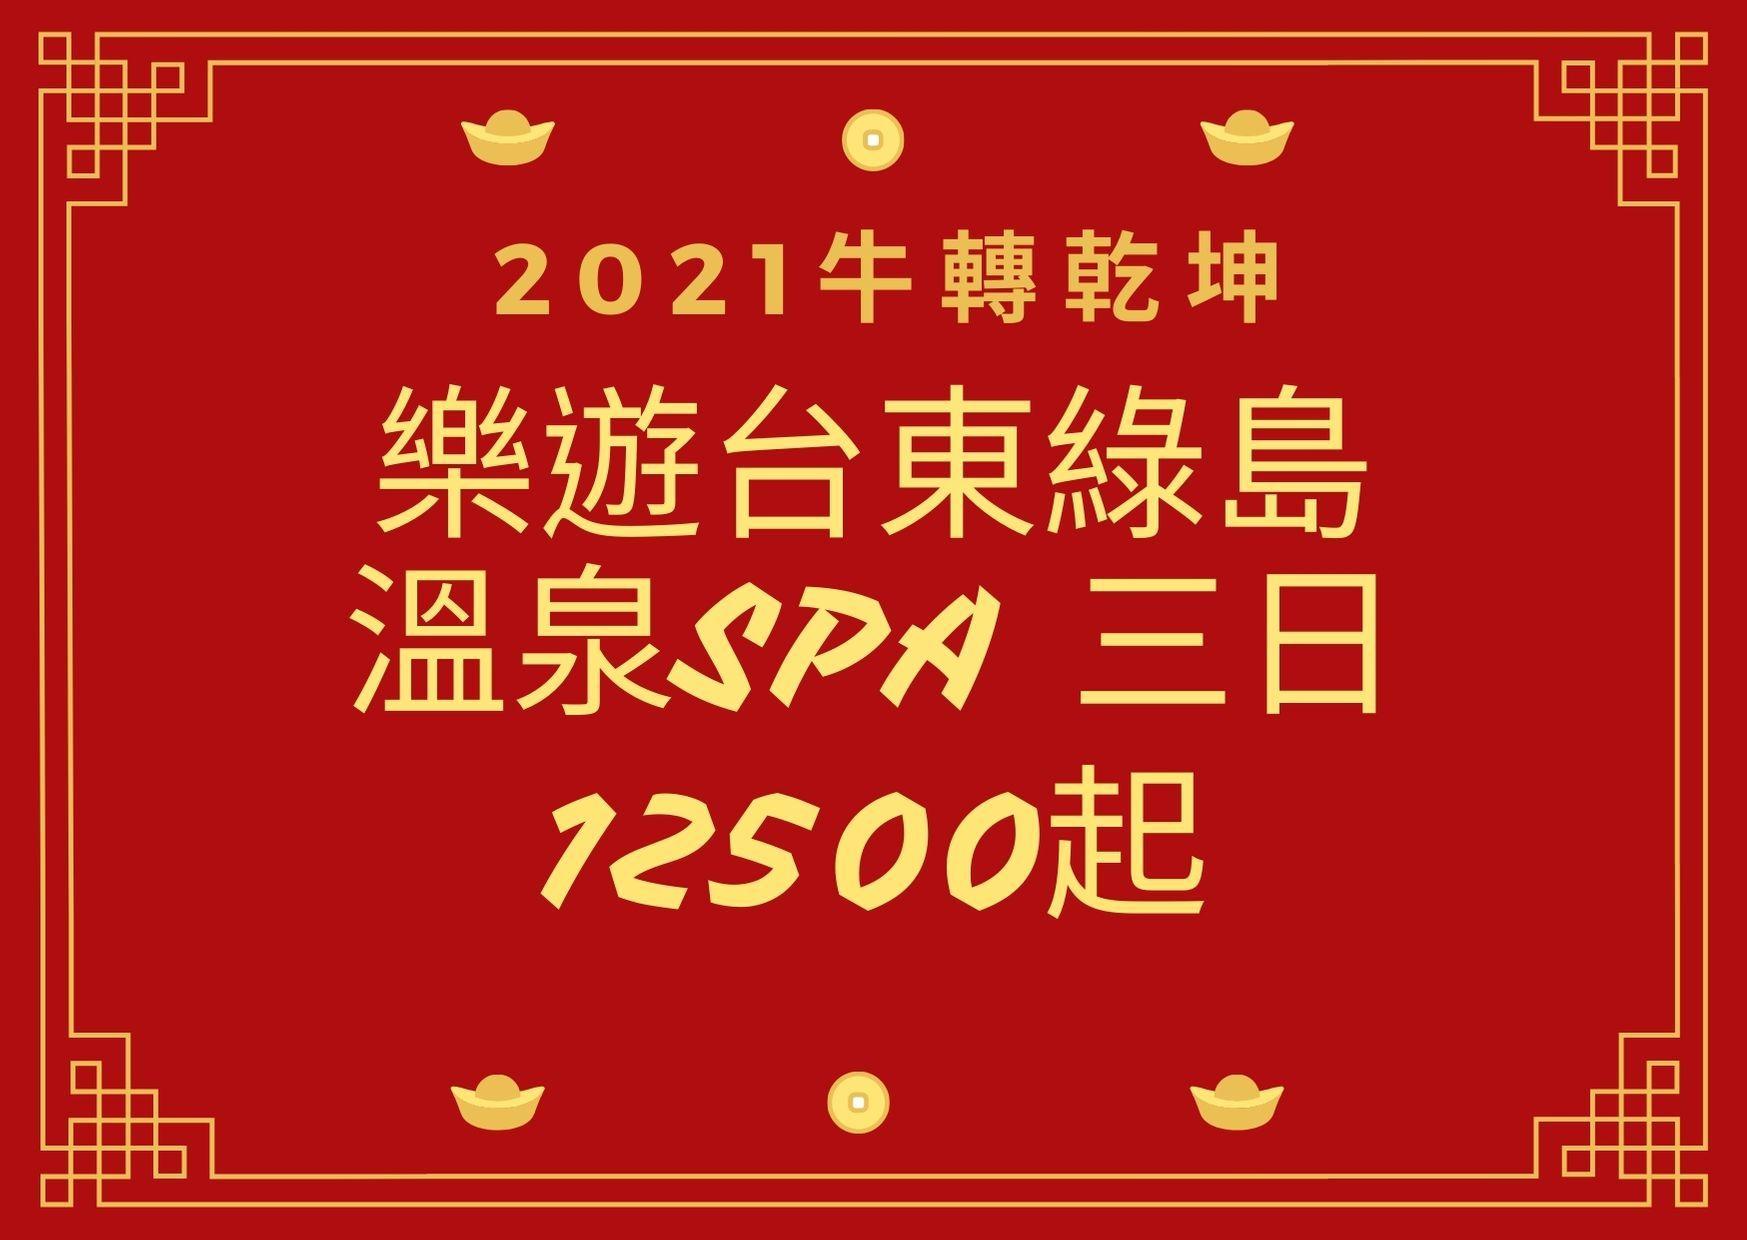 2021牛轉乾坤 樂遊台東綠島溫泉SPA 三日(火車來回)